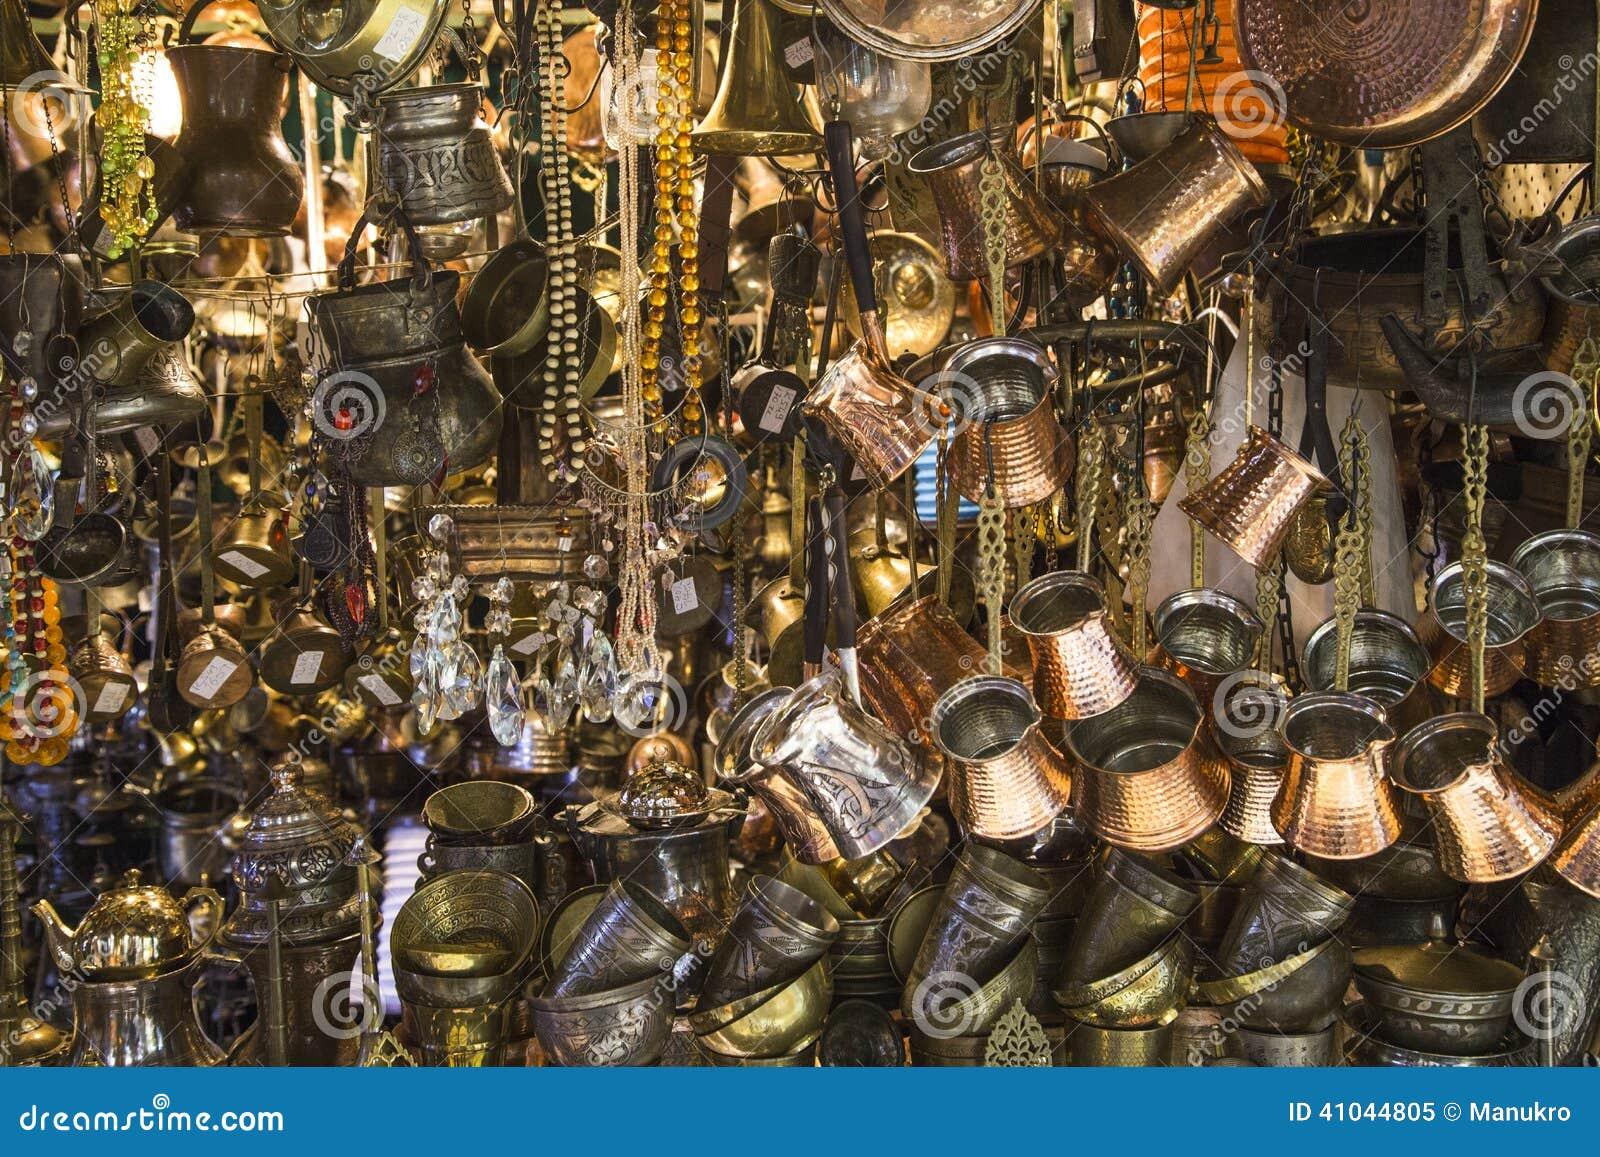 Golden jewelry in the grand bazaar